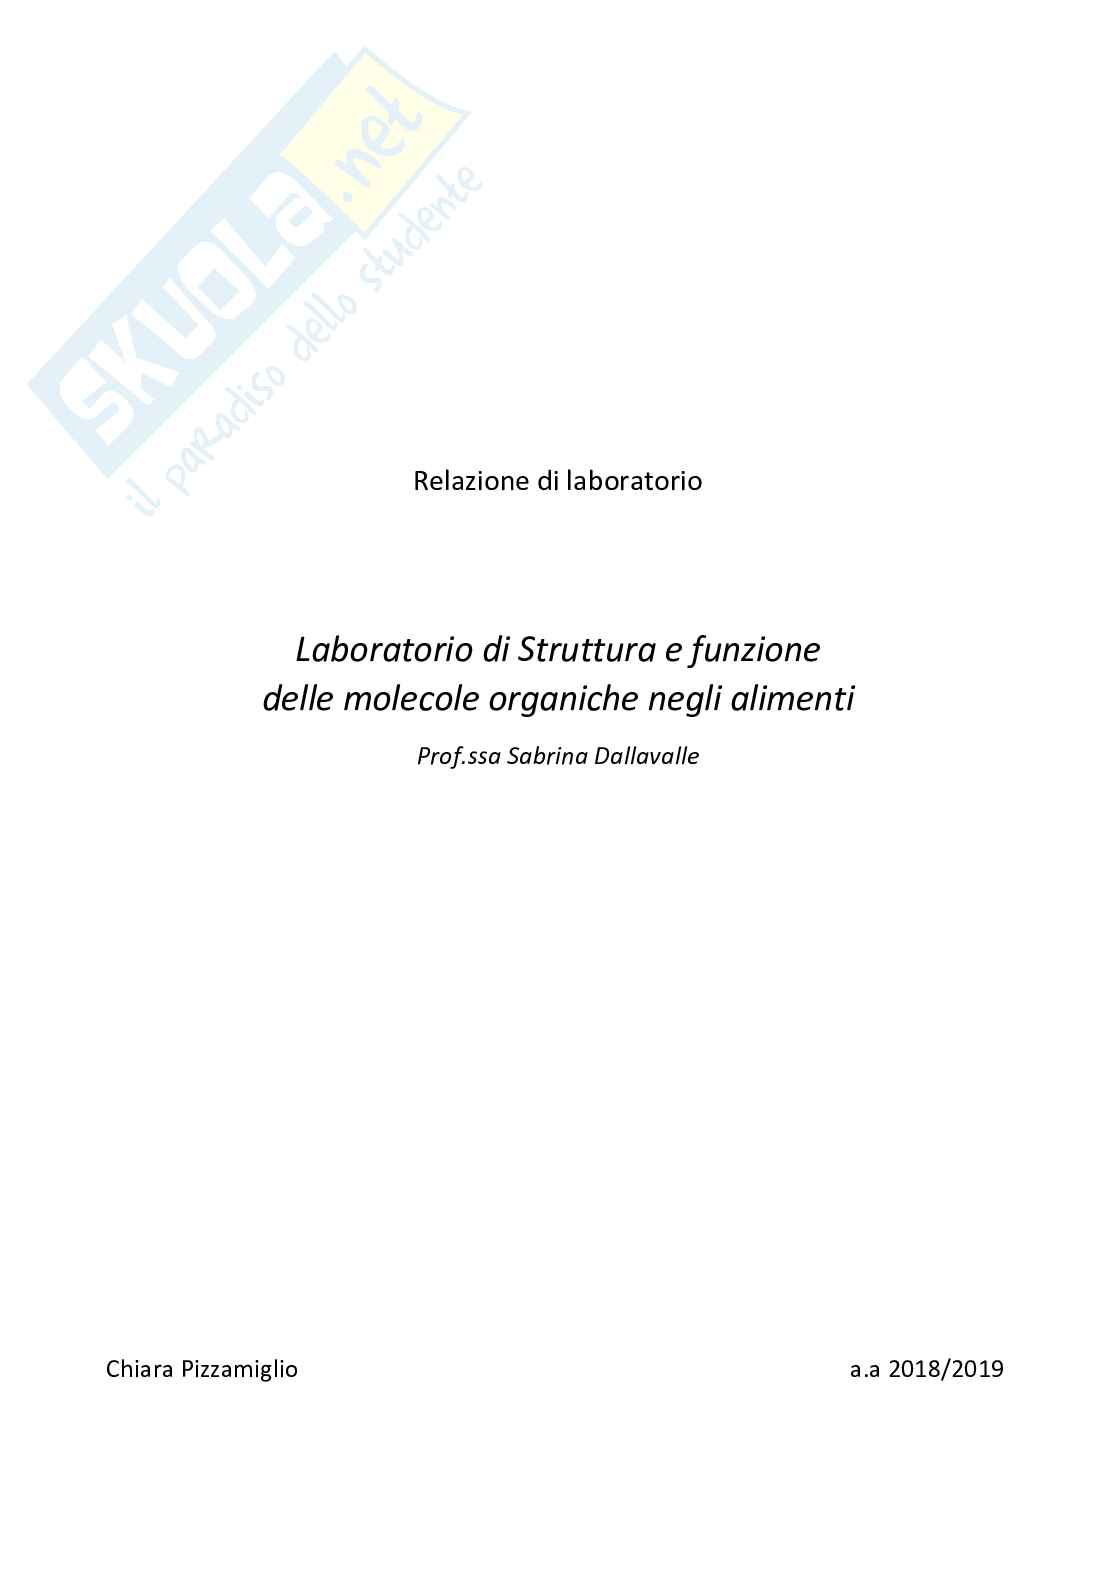 Relazione Laboratorio Strutture